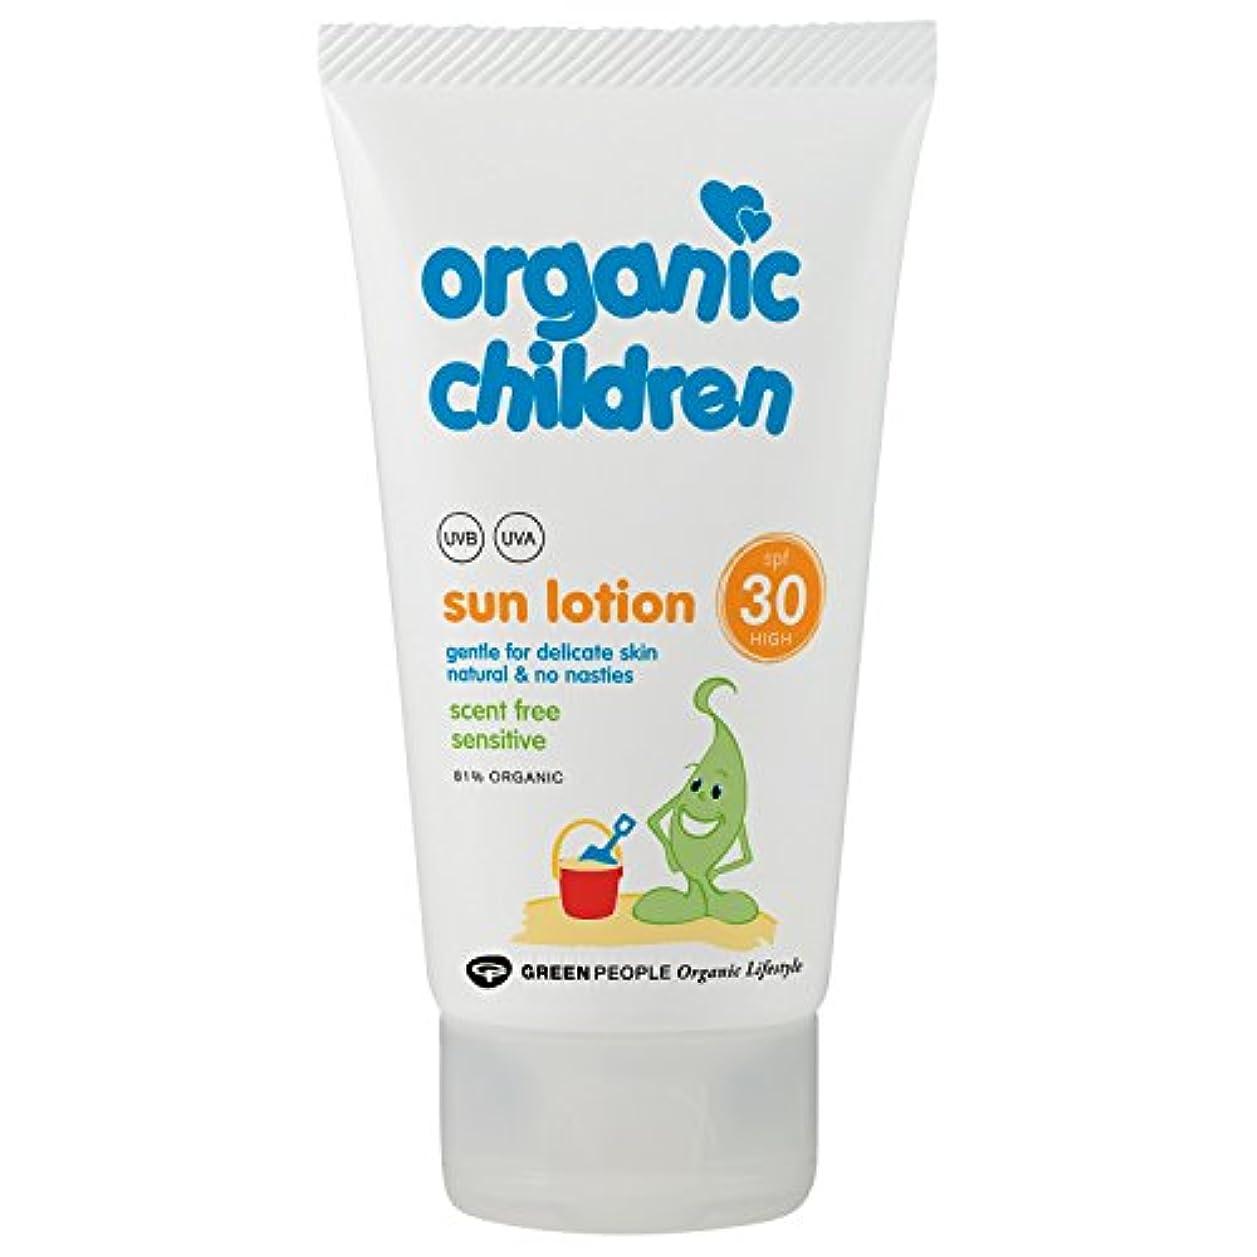 対抗道を作るリファイン有機子どもたちは30日のローション150グラムを x4 - Organic Children SPF 30 Sun Lotion 150g (Pack of 4) [並行輸入品]